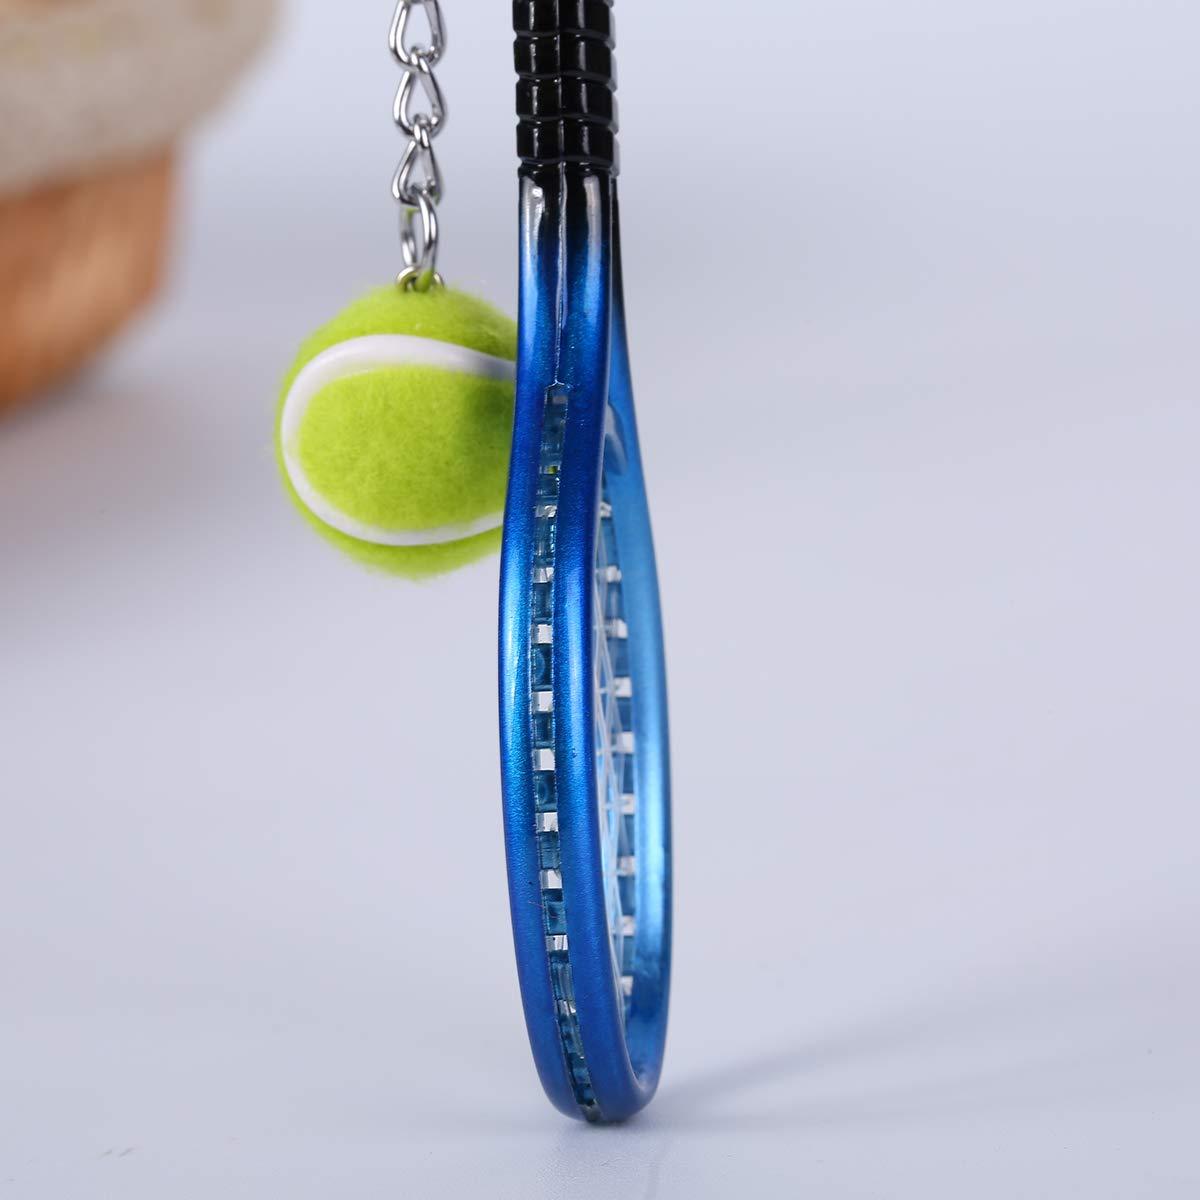 12 Pieces Mini Tennis Key Chain Tennis Racket Shape Model Key Rings Sport Style Split Keychain Set, Sport Lovers Gift